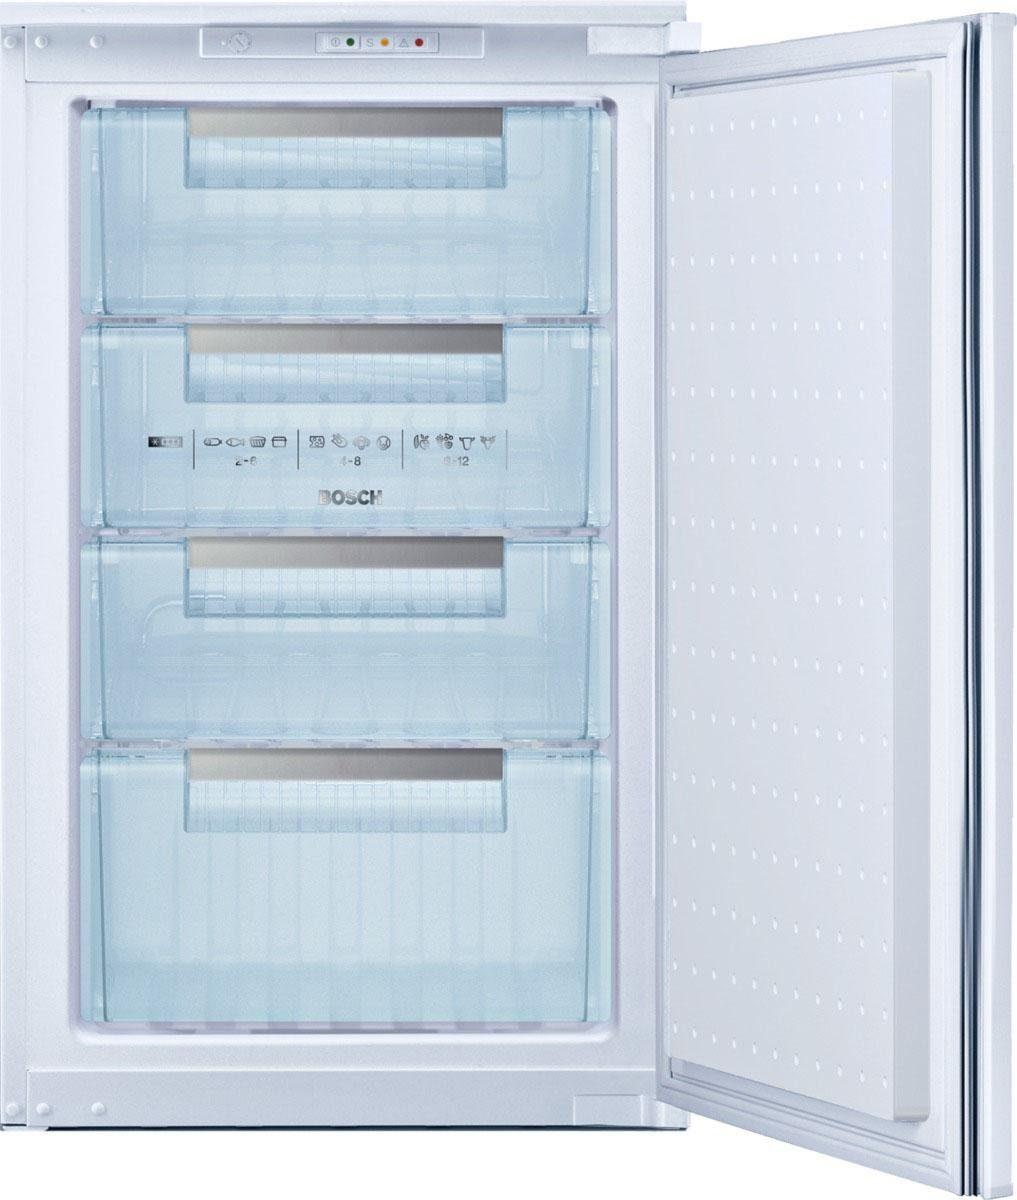 Bosch Einbau-Gefrierschrank GID18A30, Energieklasse A++, 88 cm hoch